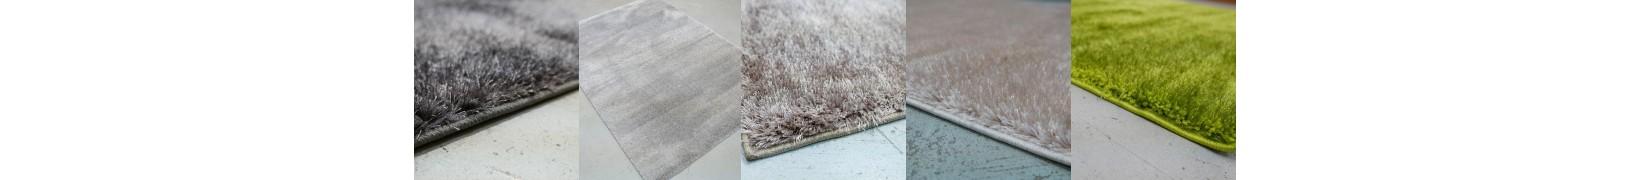 Dywany Shaggy - idealne w zimne, chłodne dni. Dywilan Delicate